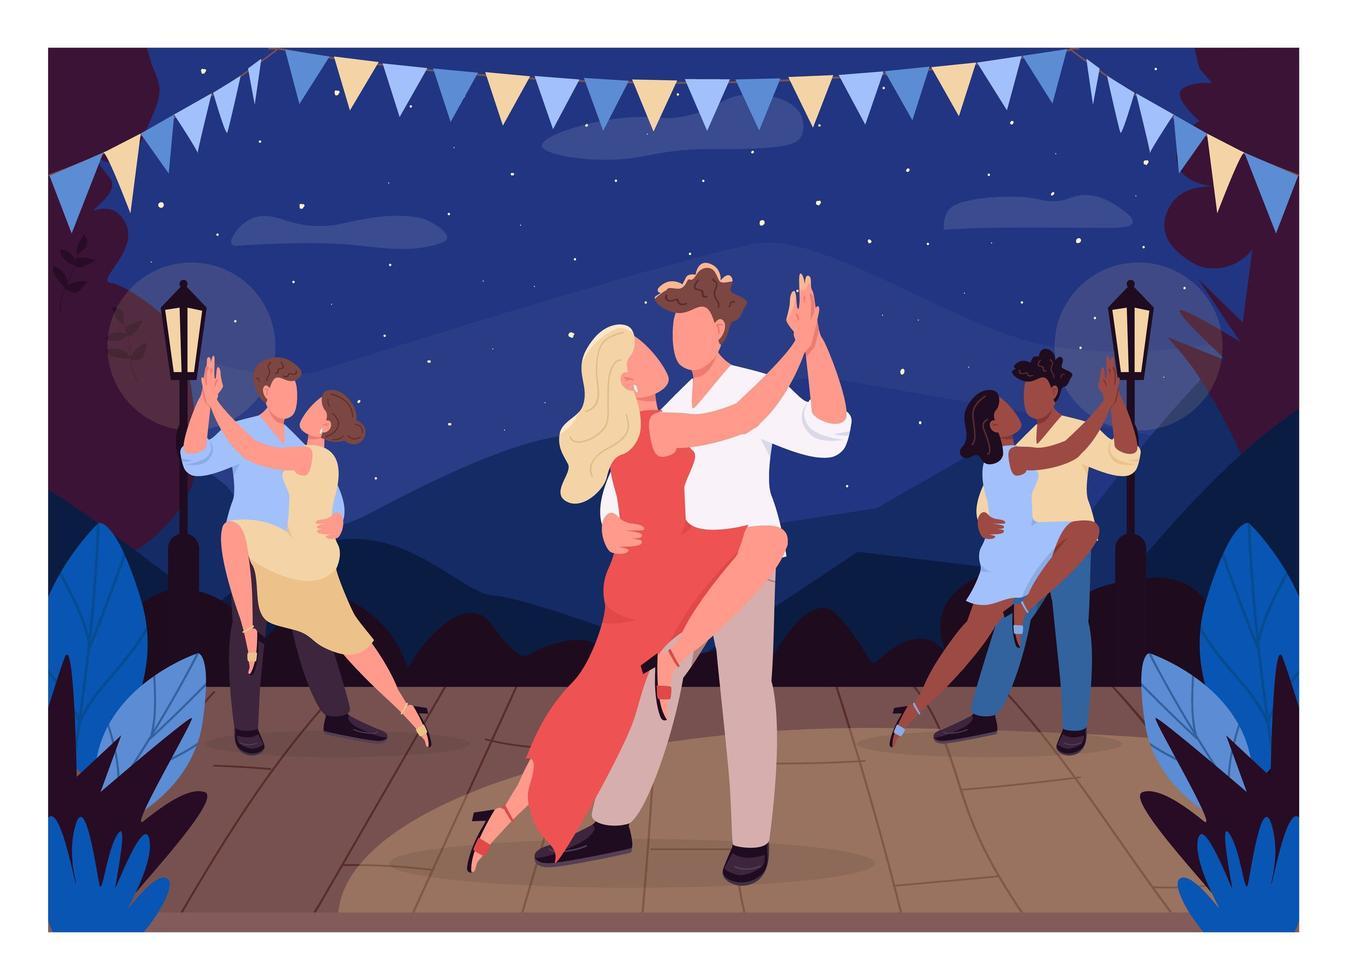 människor dansar på scenen platt färg vektorillustration vektor